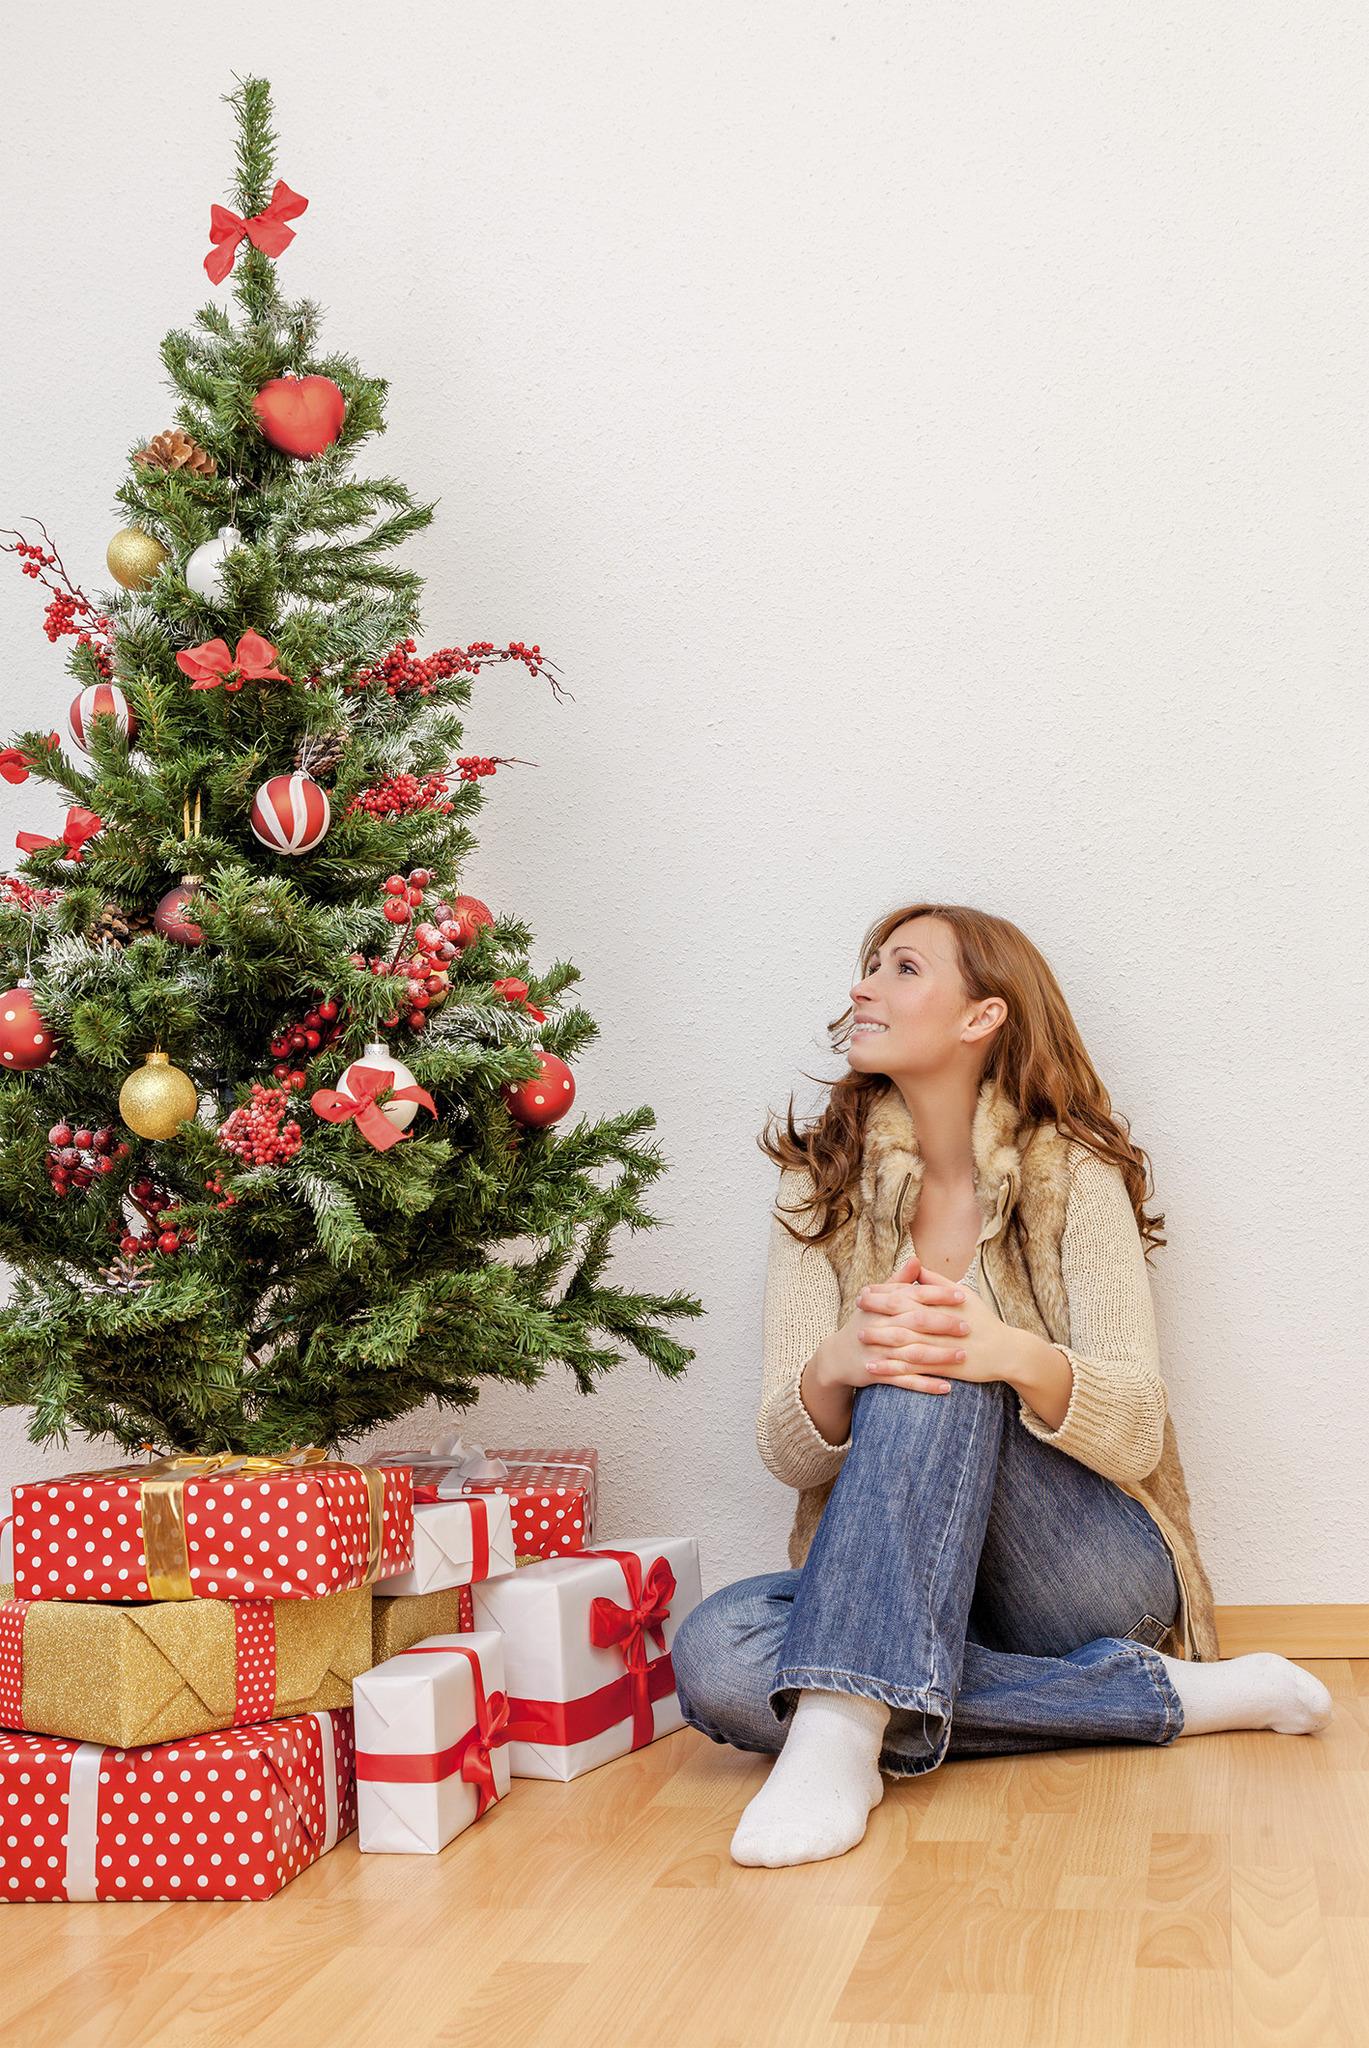 weihnachten feiern gemeinsam statt einsam linz. Black Bedroom Furniture Sets. Home Design Ideas